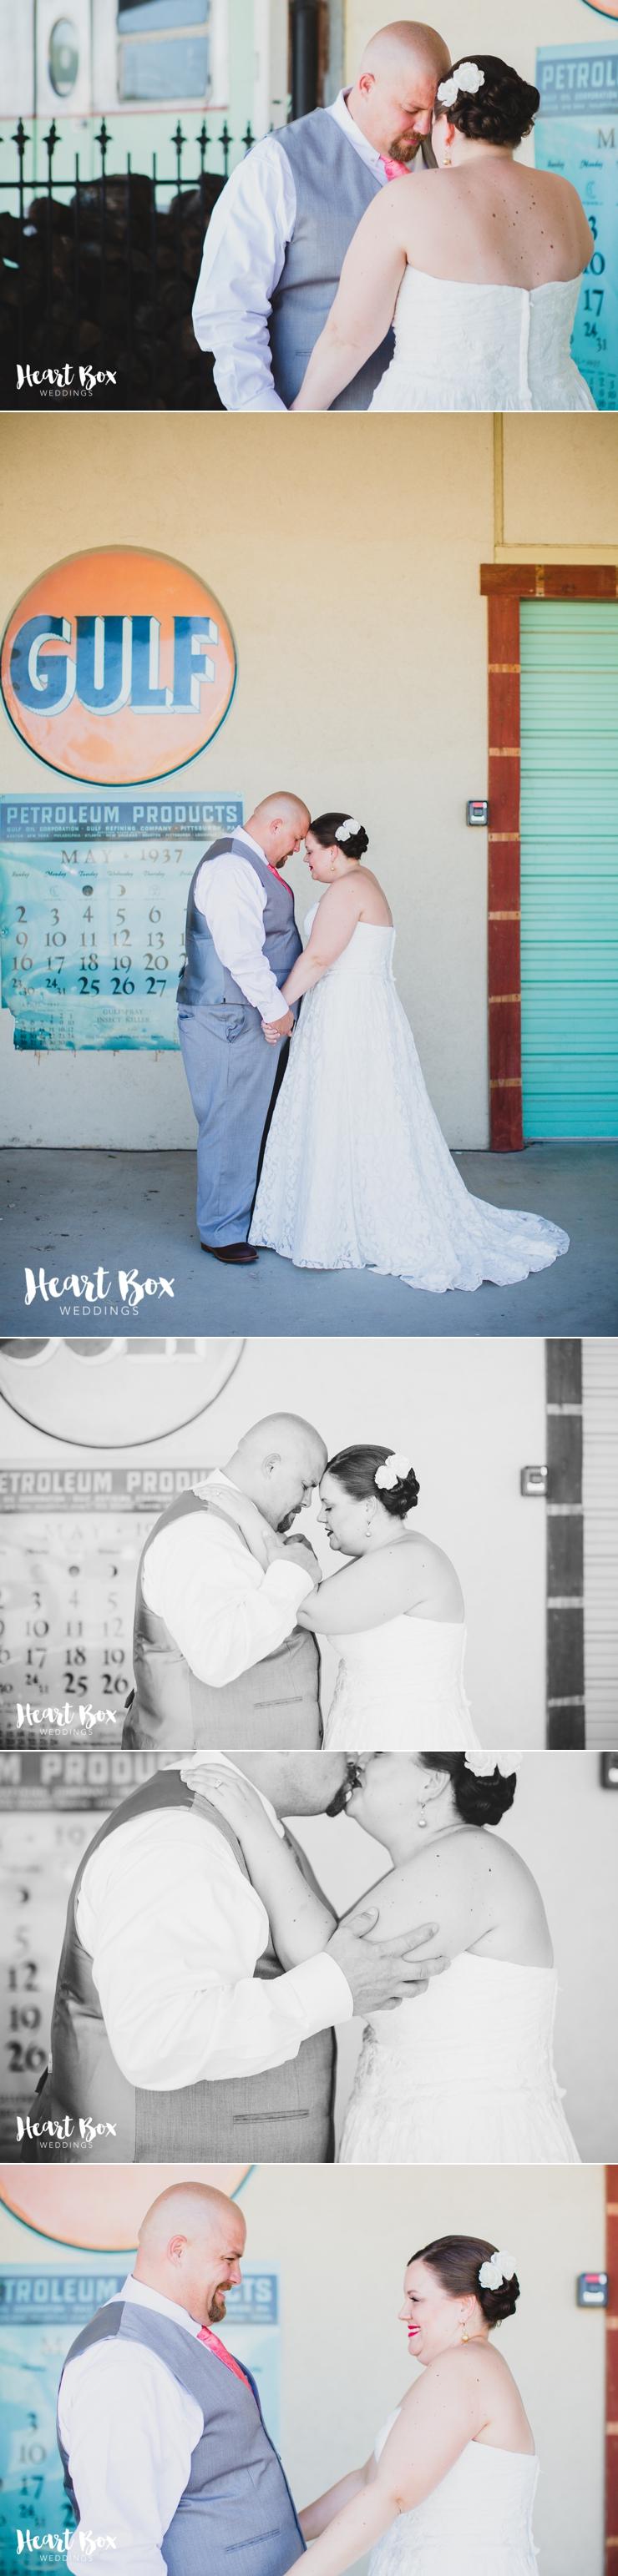 Turner Wedding Blog Collages 4.jpg